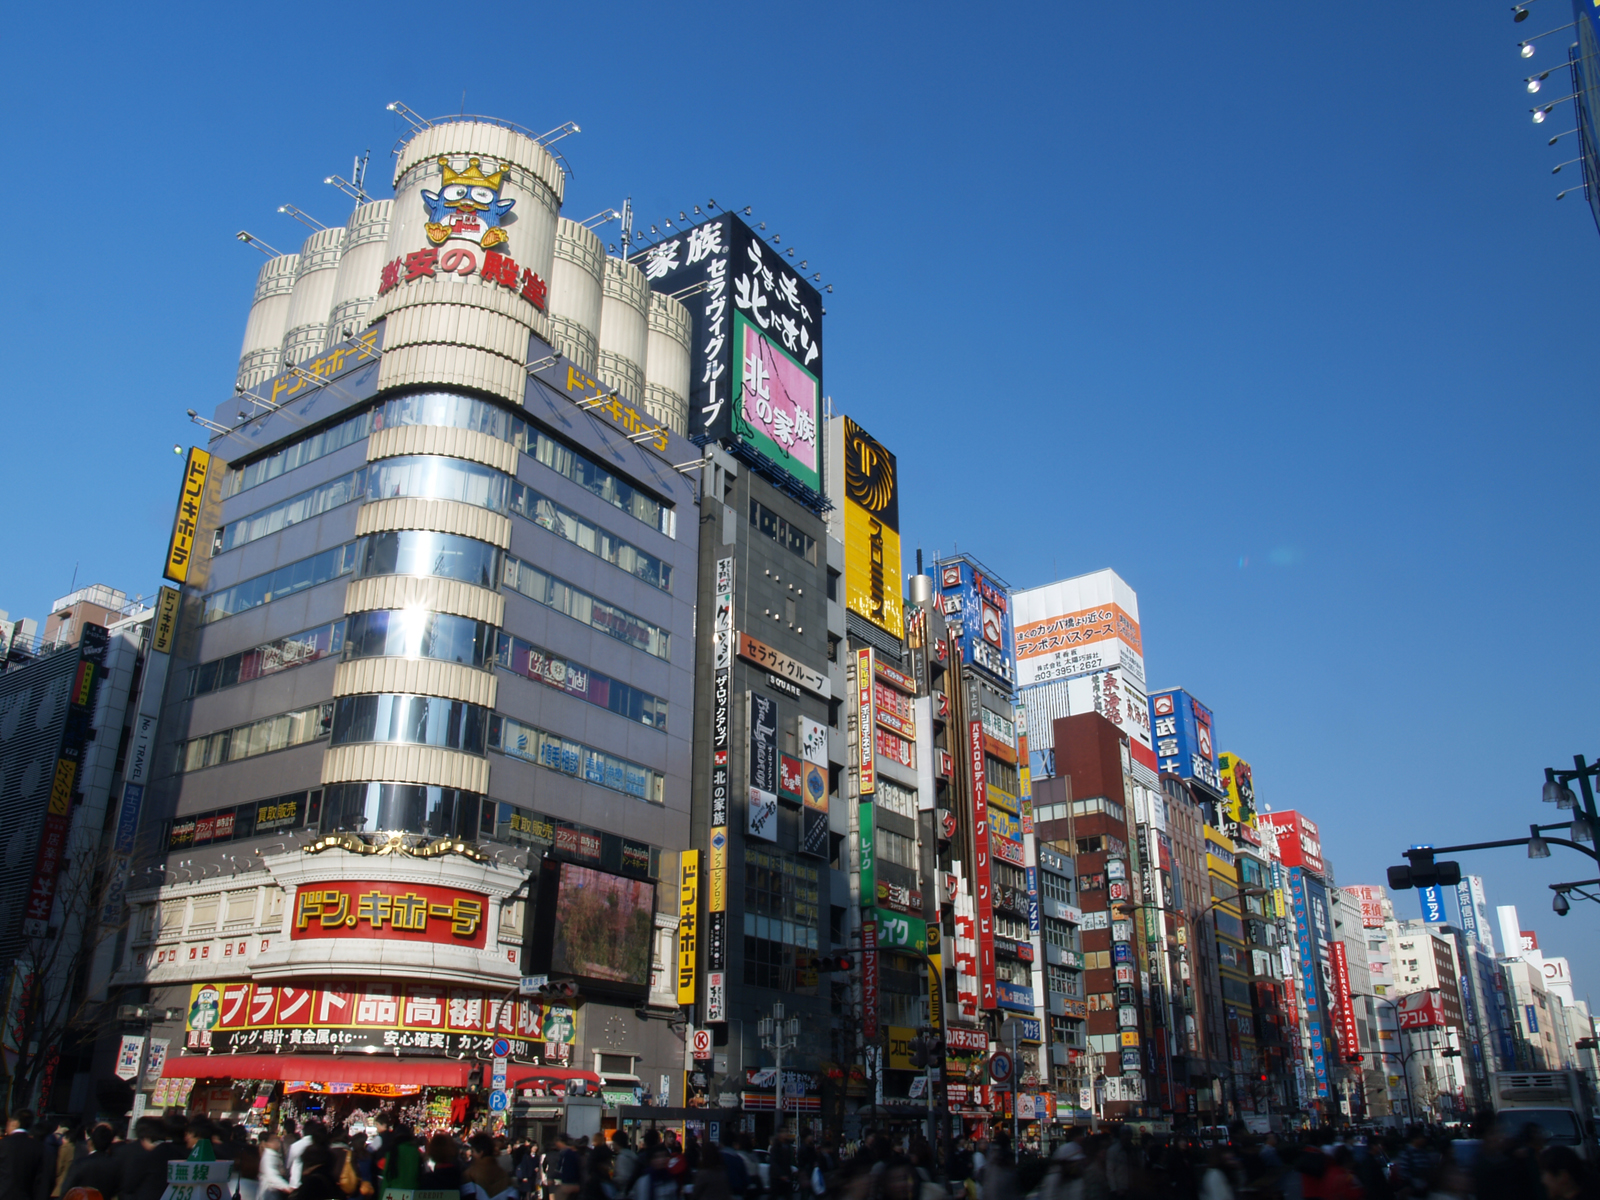 新宿、靖国通り#2 - 著作権フリー商用可!無料画像の写真素材♪ラブ ...